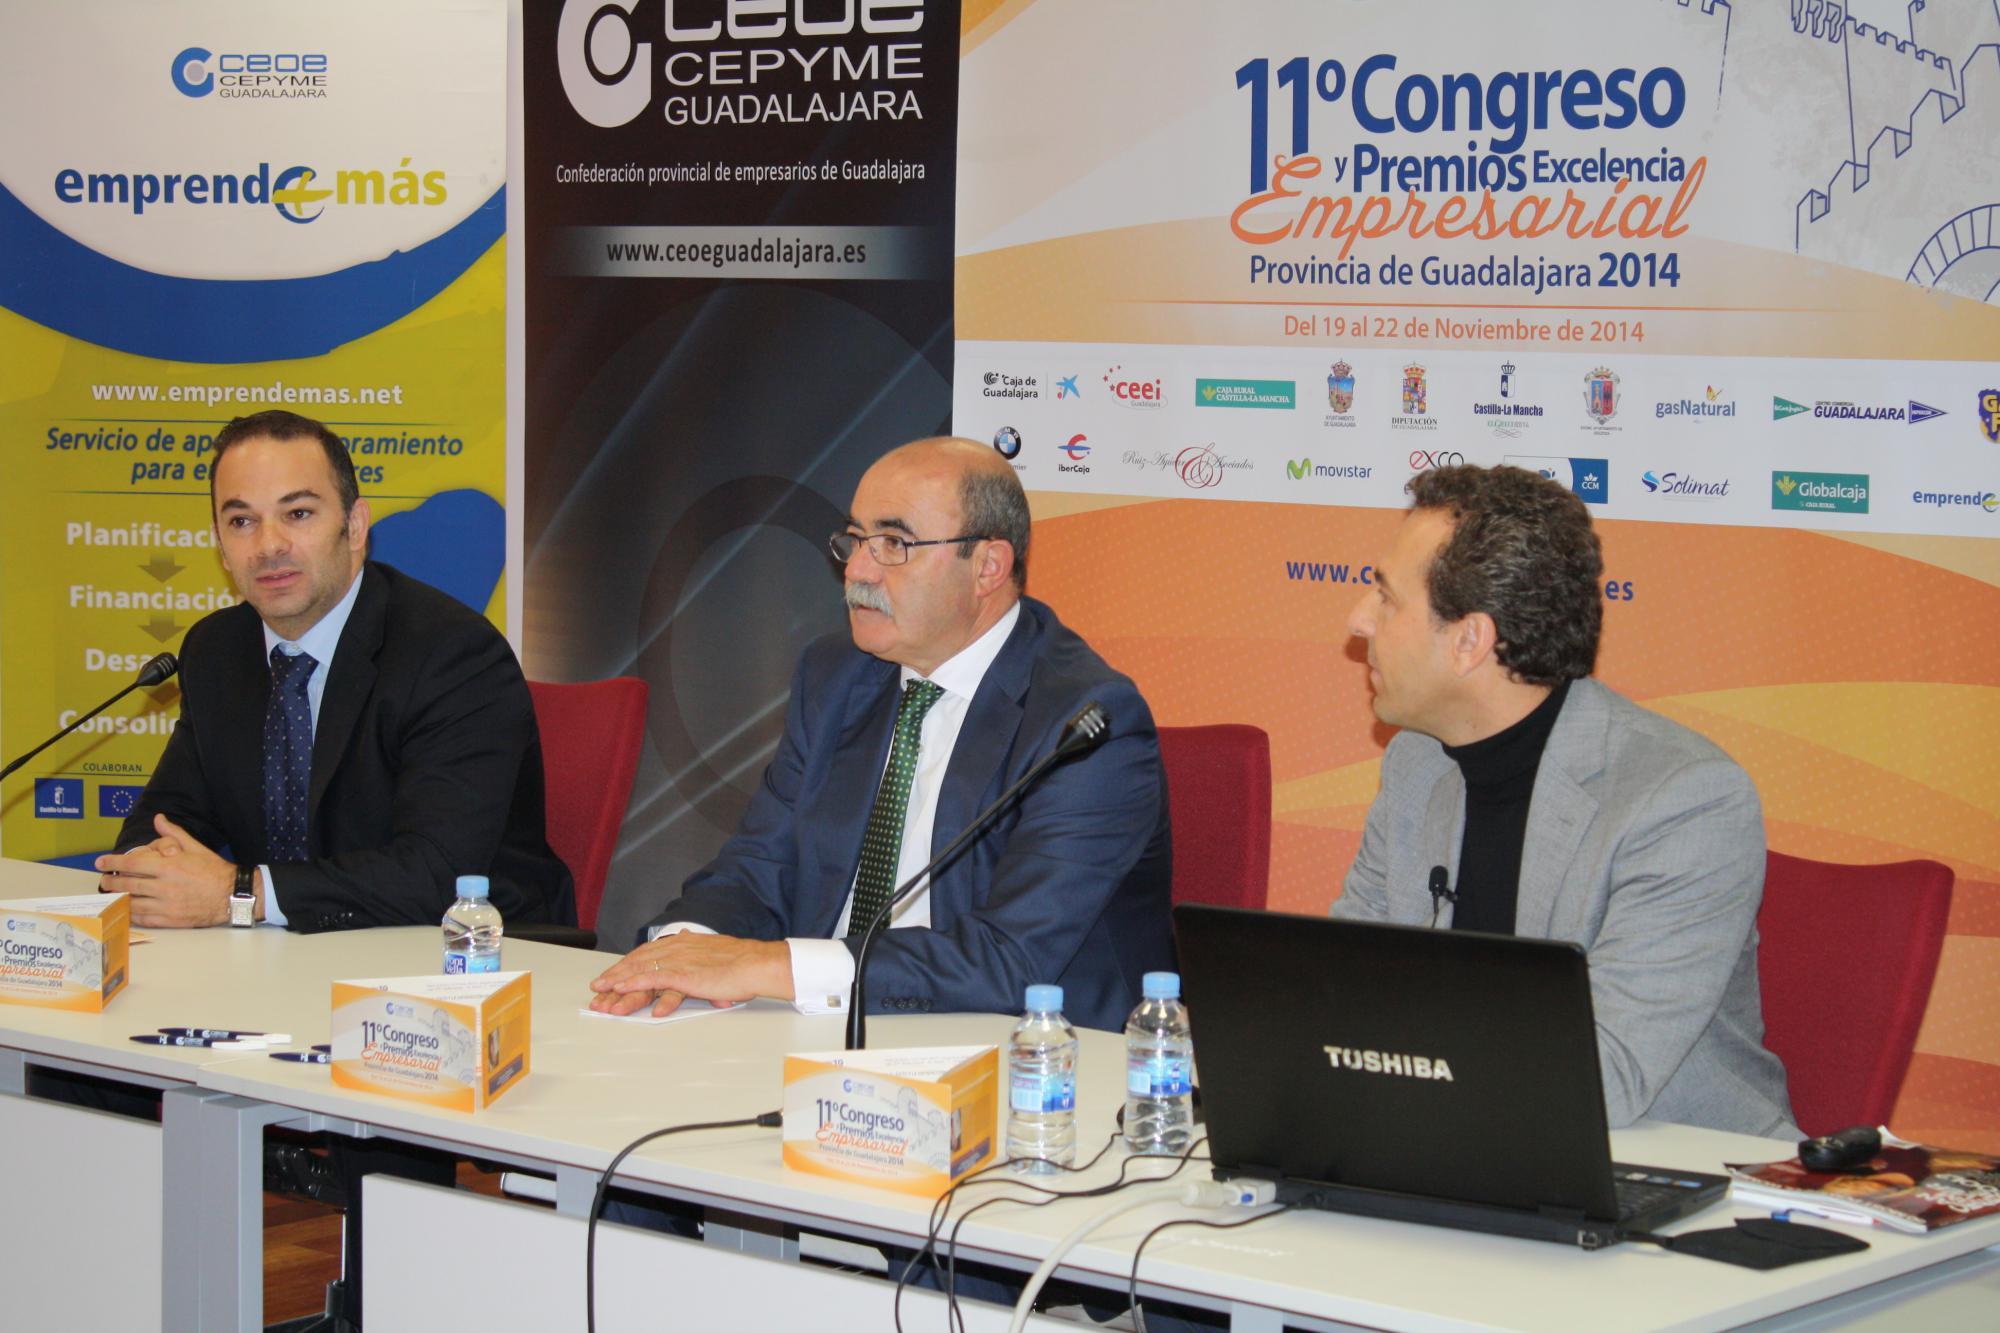 Jaime Carnicero participa en la apertura de las jornadas de formación por el XI Congreso provincial de CEOE-Cepyme de Guadalajara